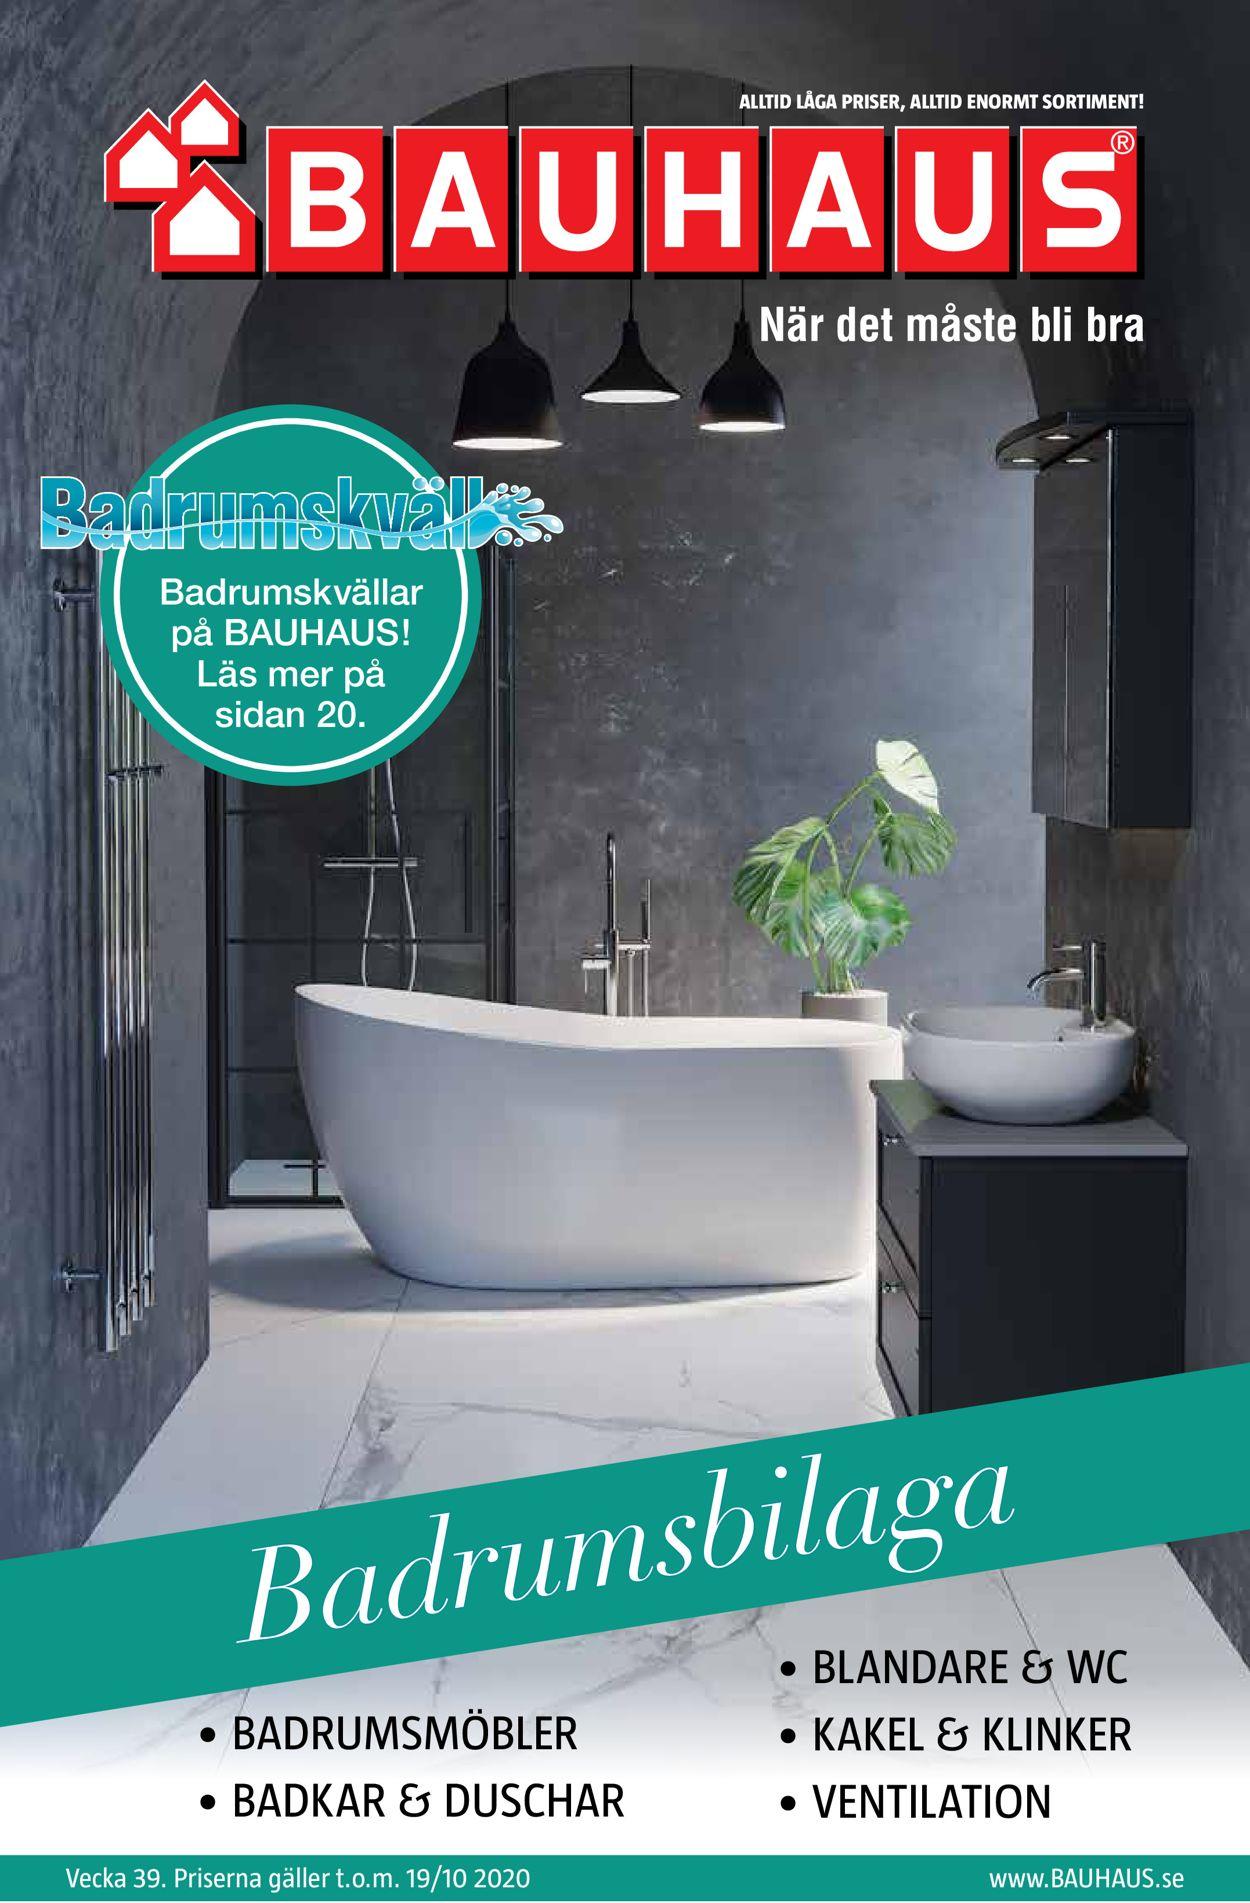 Bauhaus - Reklamblad - 20/09-19/10-2020